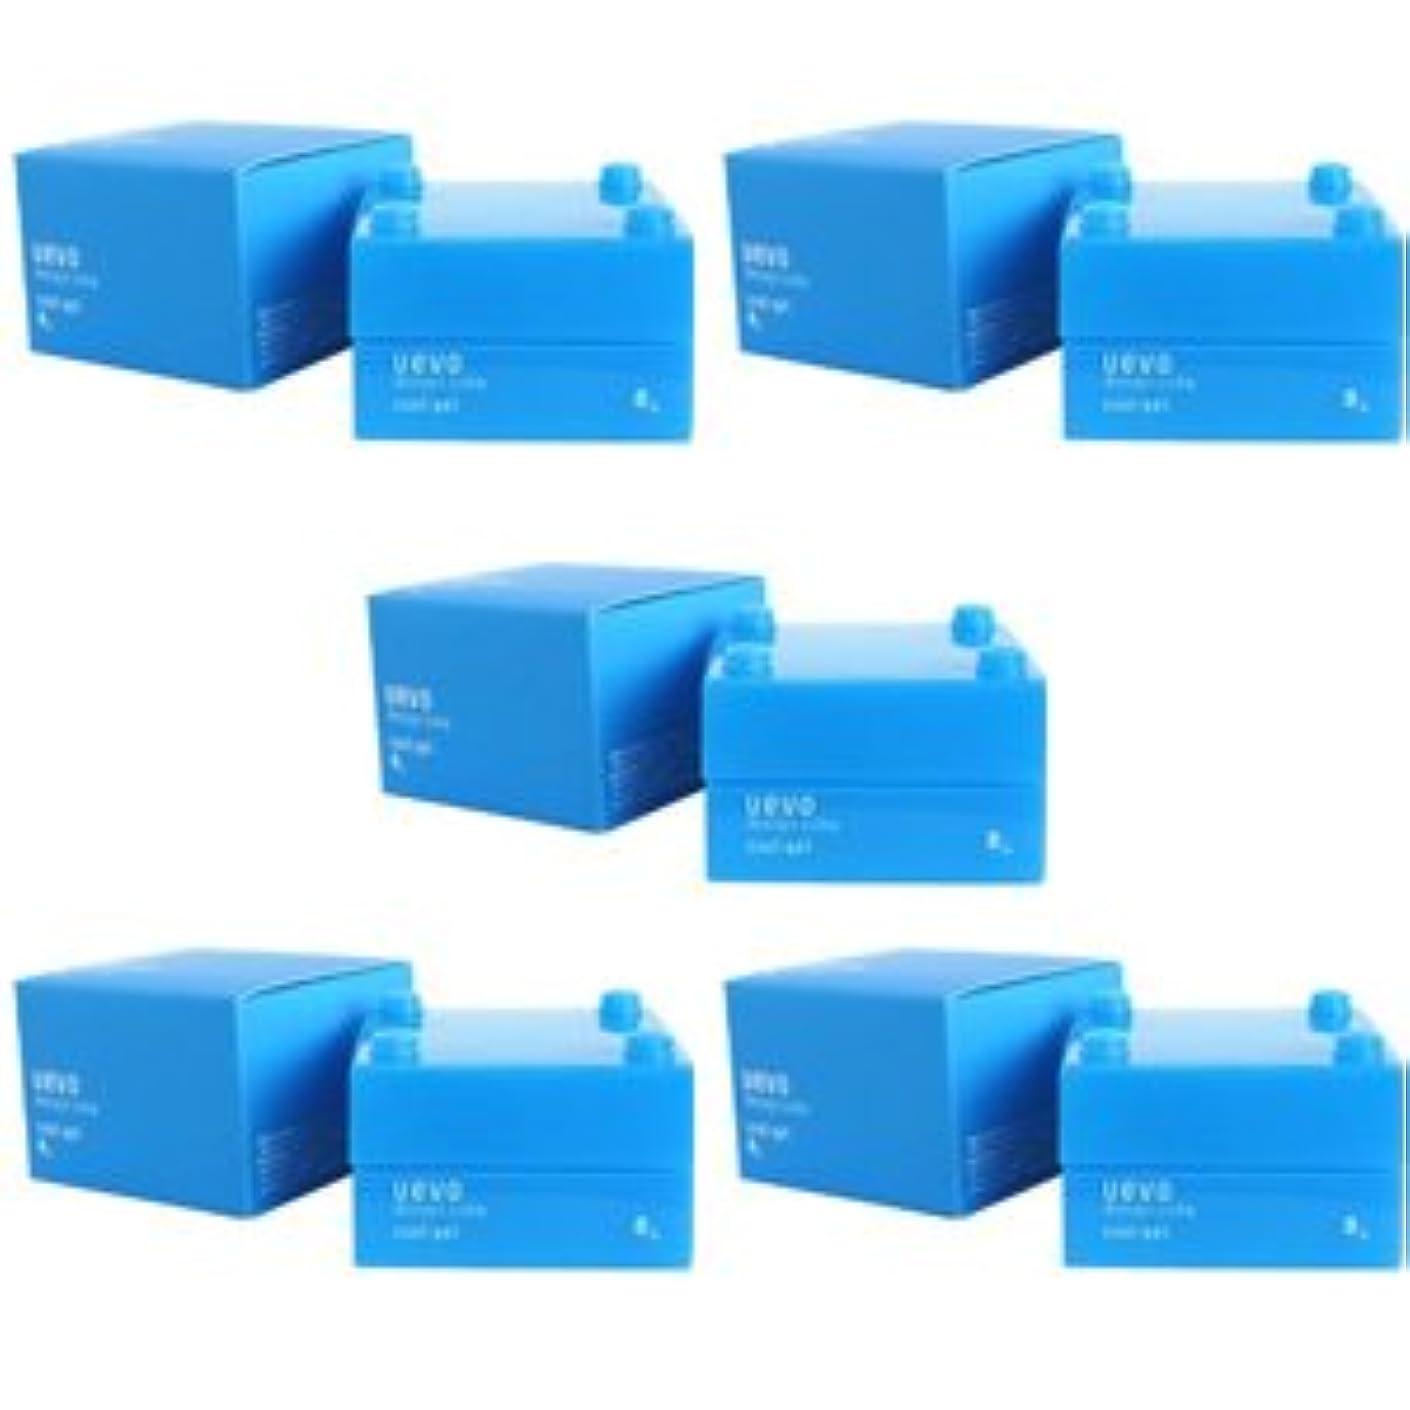 公然と不当変装した【X5個セット】 デミ ウェーボ デザインキューブ クールジェル 30g cool gel DEMI uevo design cube